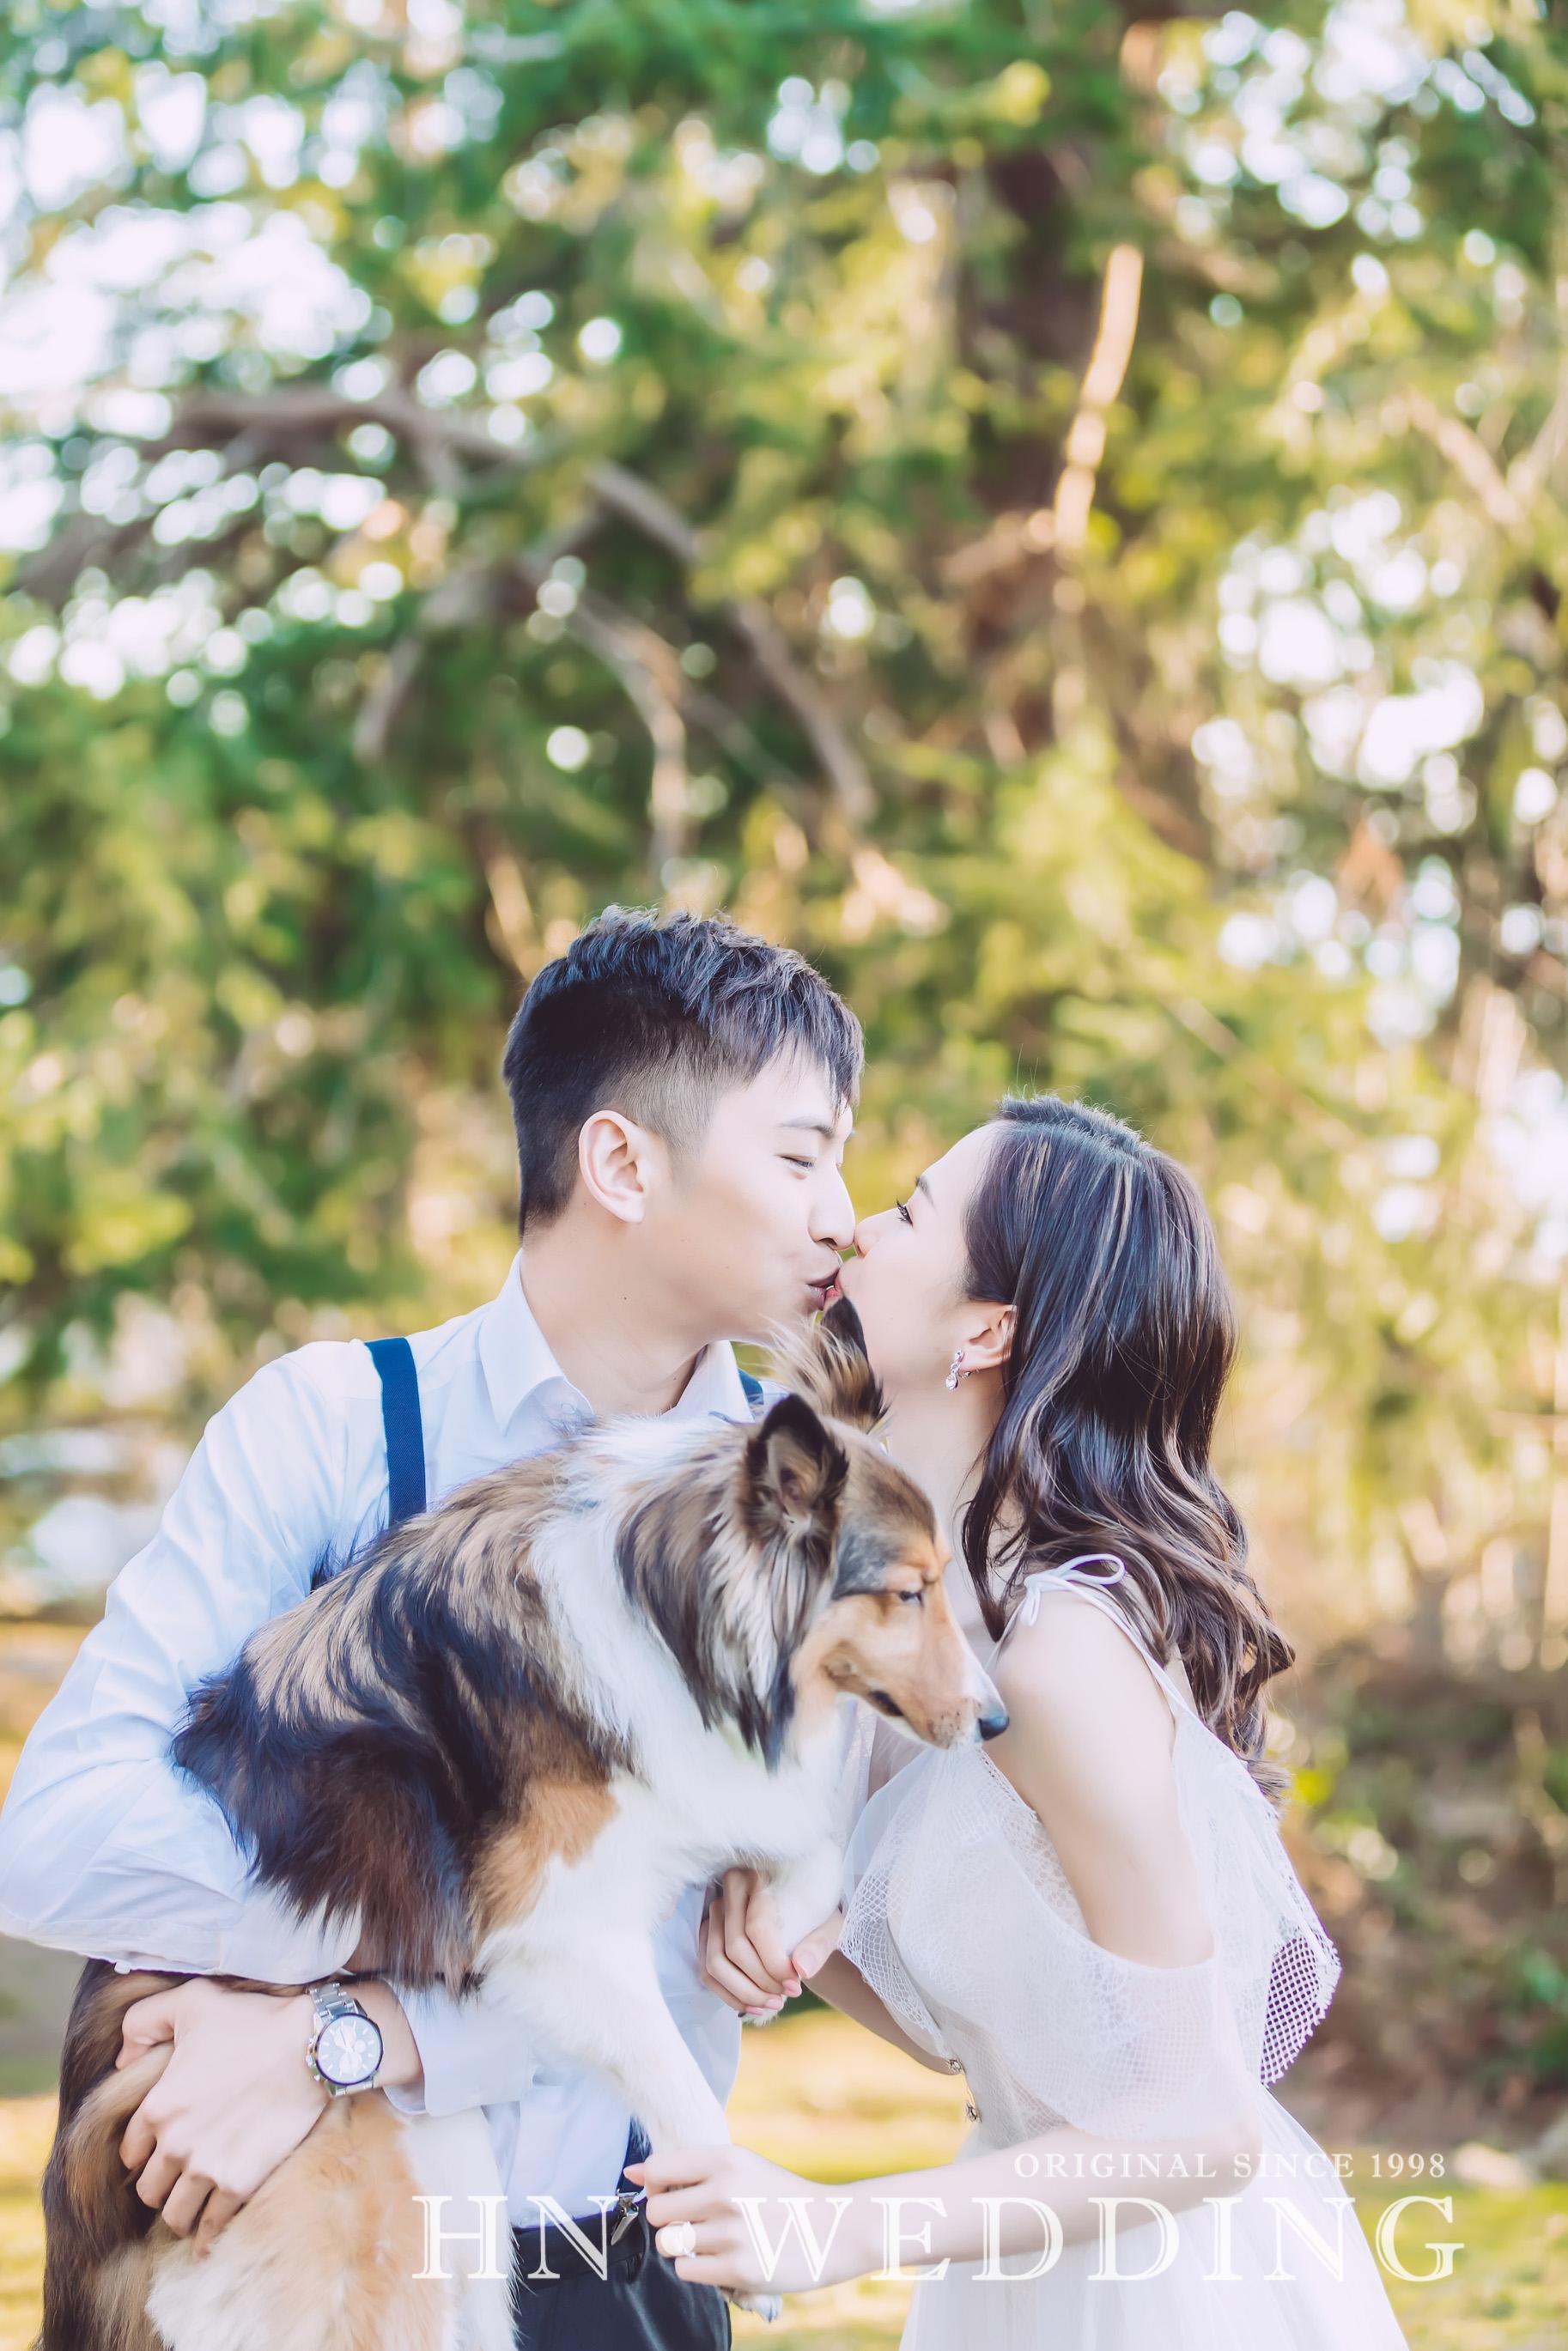 hnweddingprewedding20190220-48.jpg